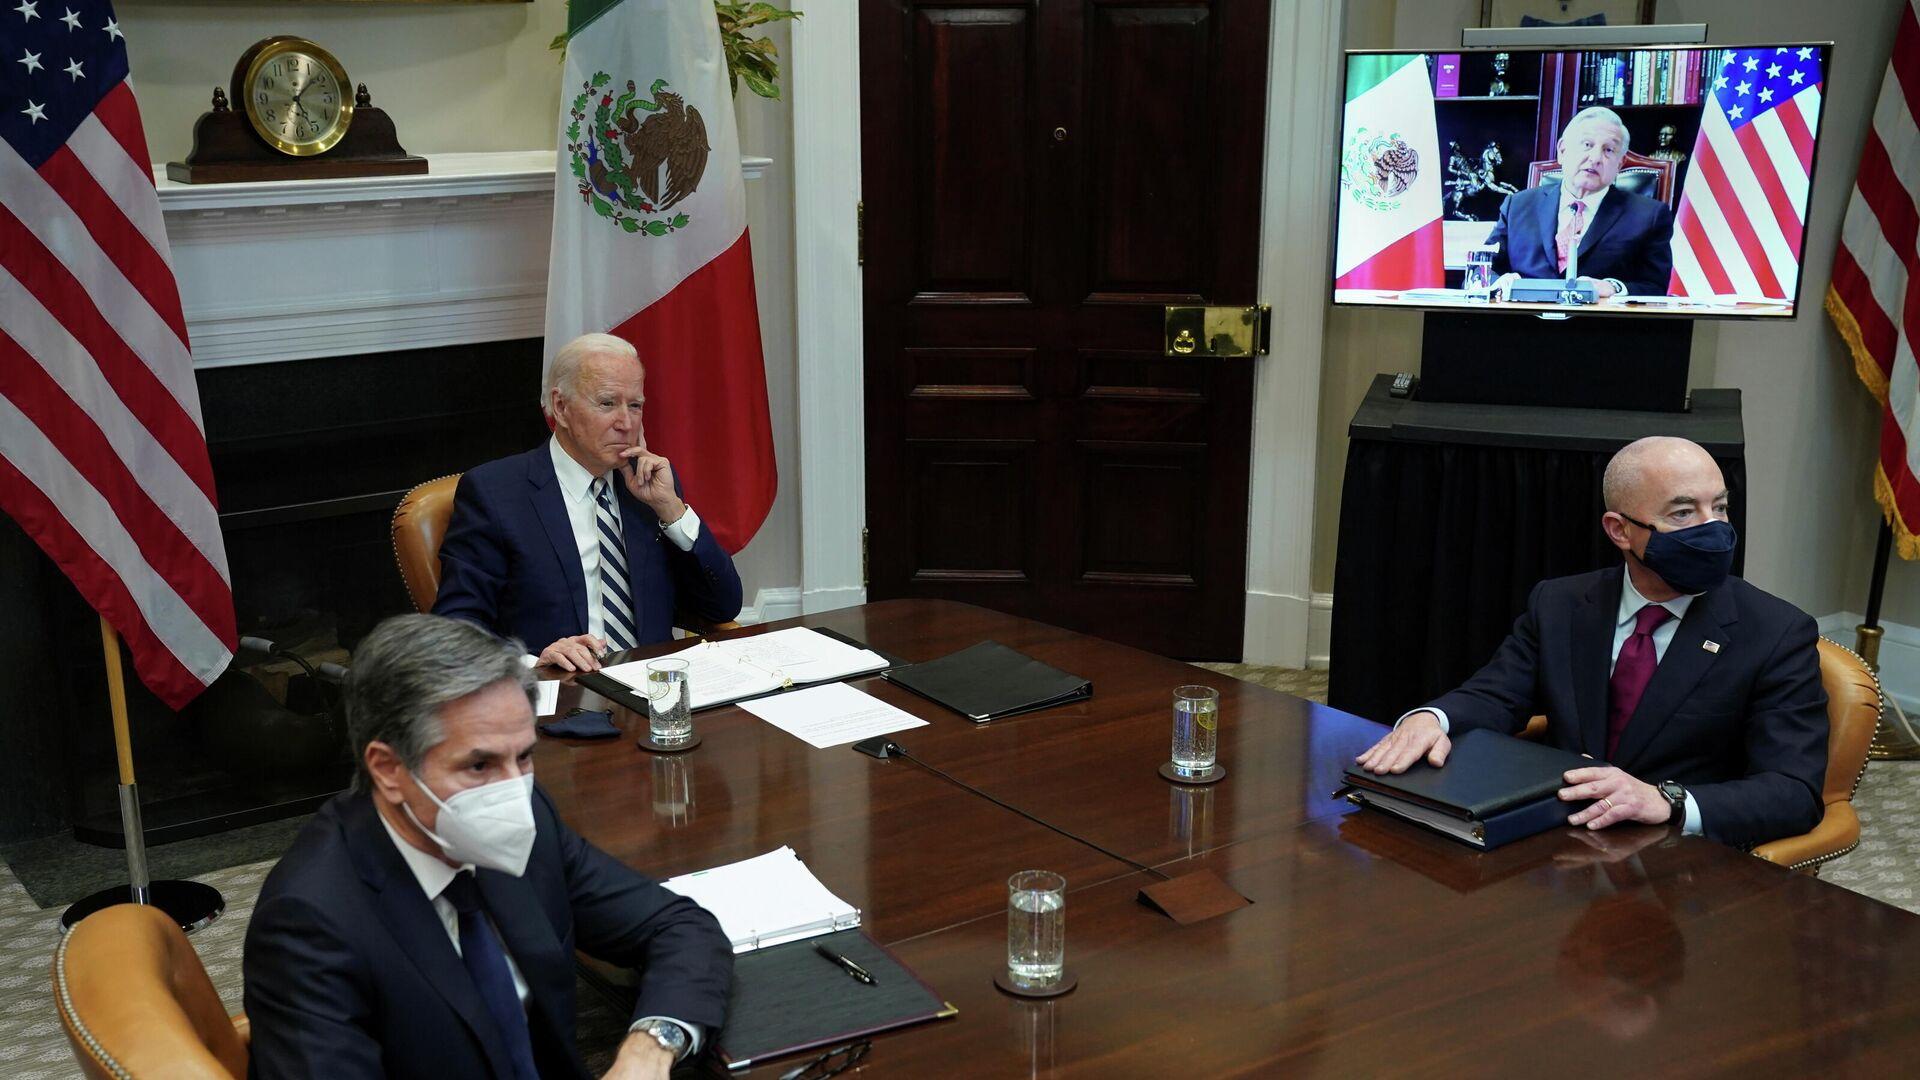 Una reunión entre el presidente de Estados Unidos, Joe Biden, y el presidente de México, Andrés Manuel López Obrador - Sputnik Mundo, 1920, 02.03.2021